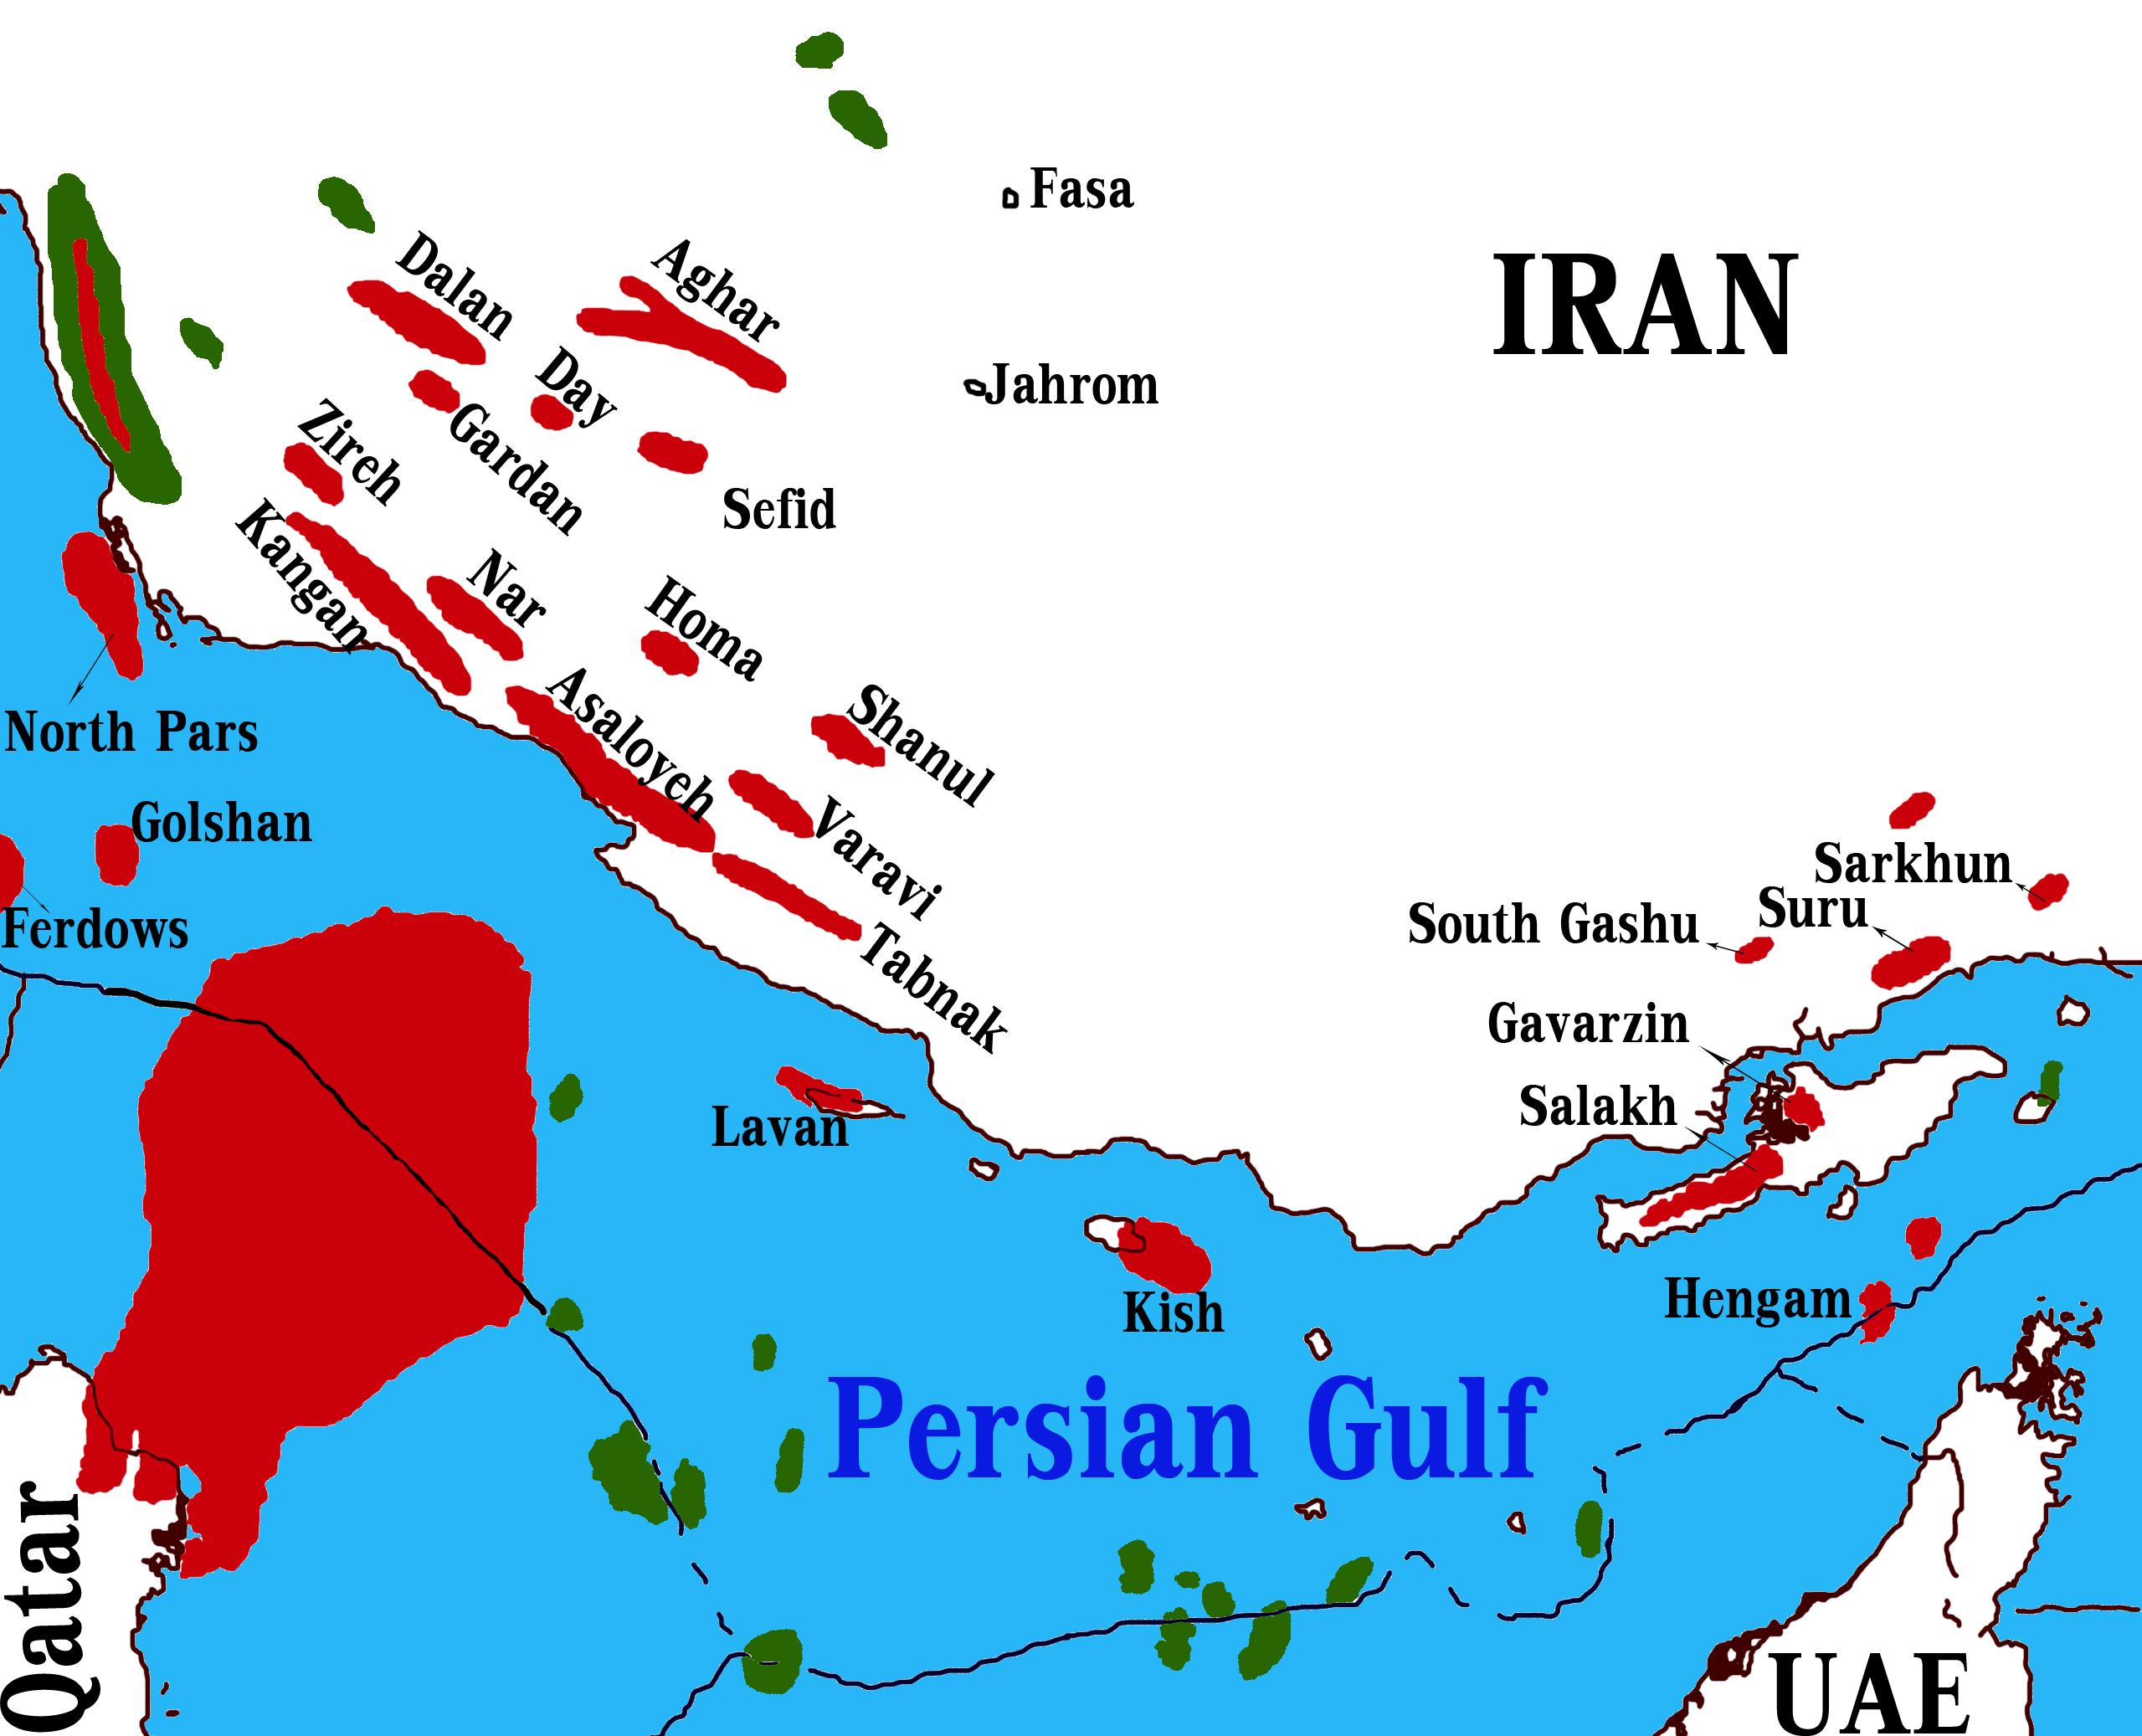 Qatar Natural Gas Field